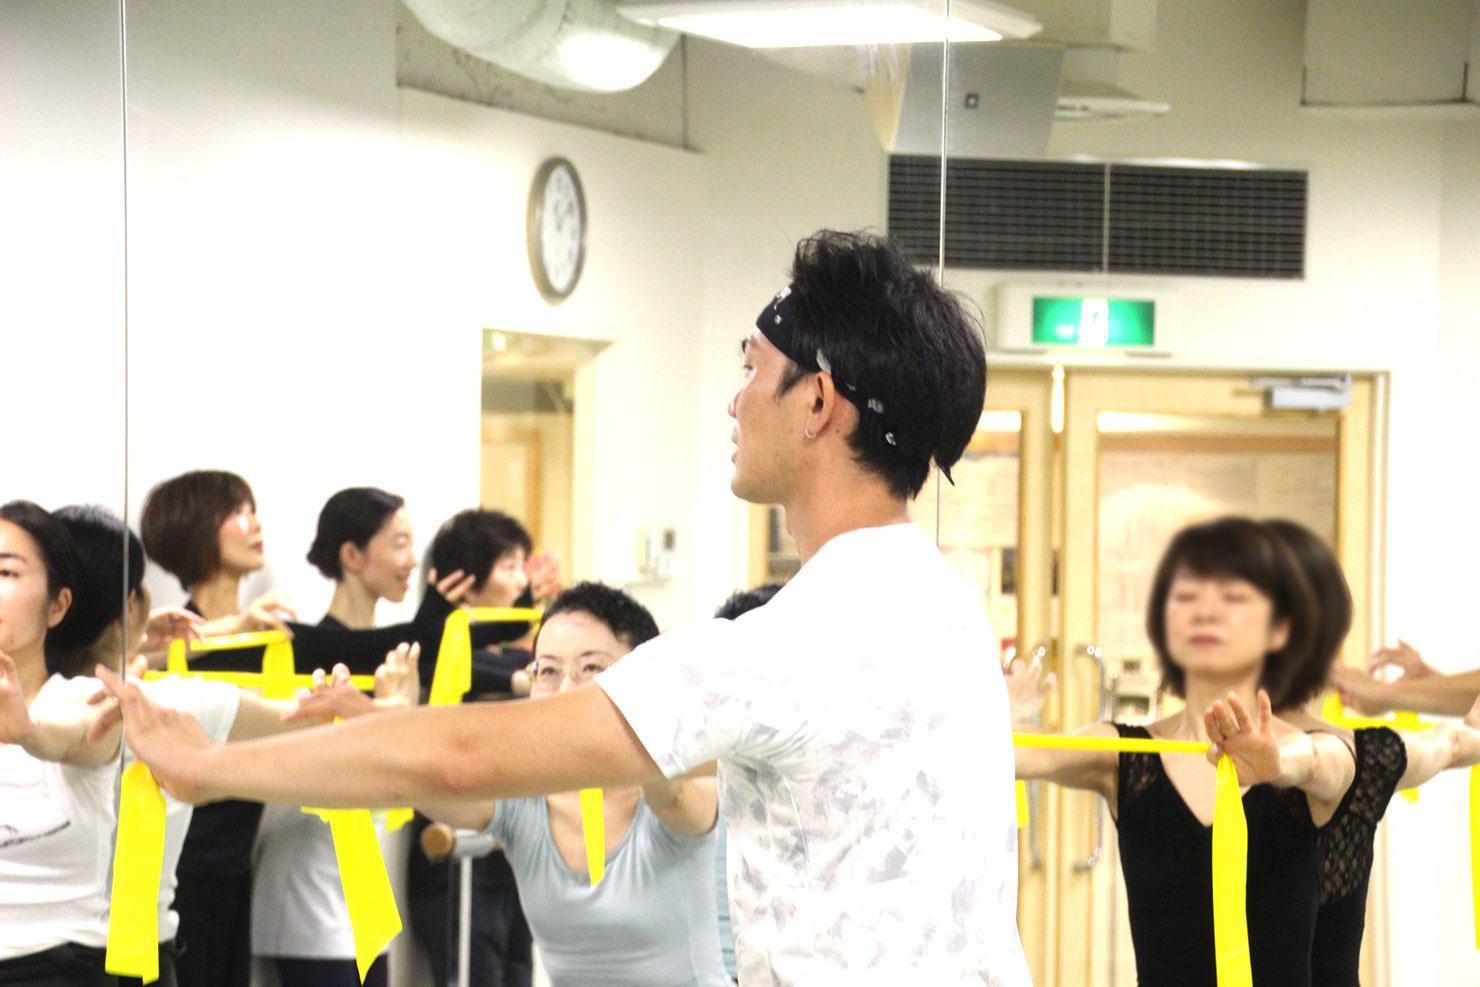 cul_yokohama_report20190812_006.jpg